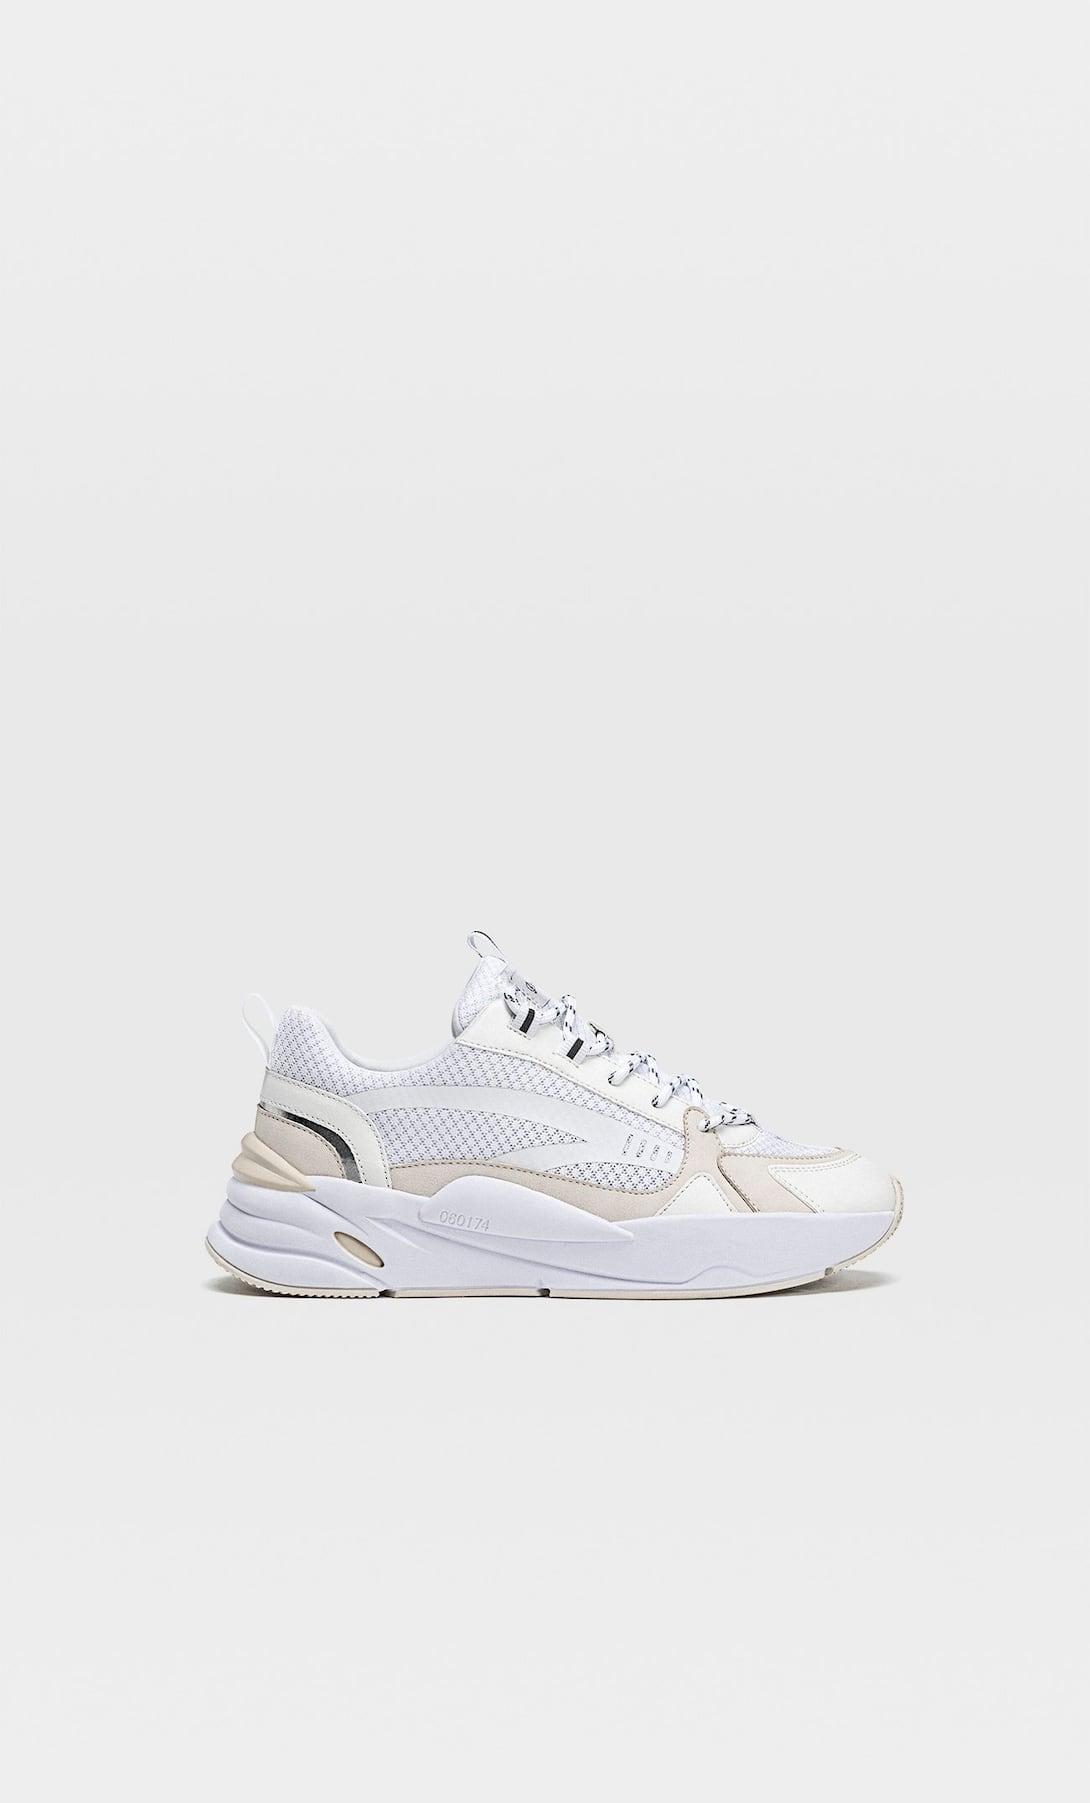 Sneakers blancas, de Stradivarius (17,99 euros) |Foto: Stradivarius.